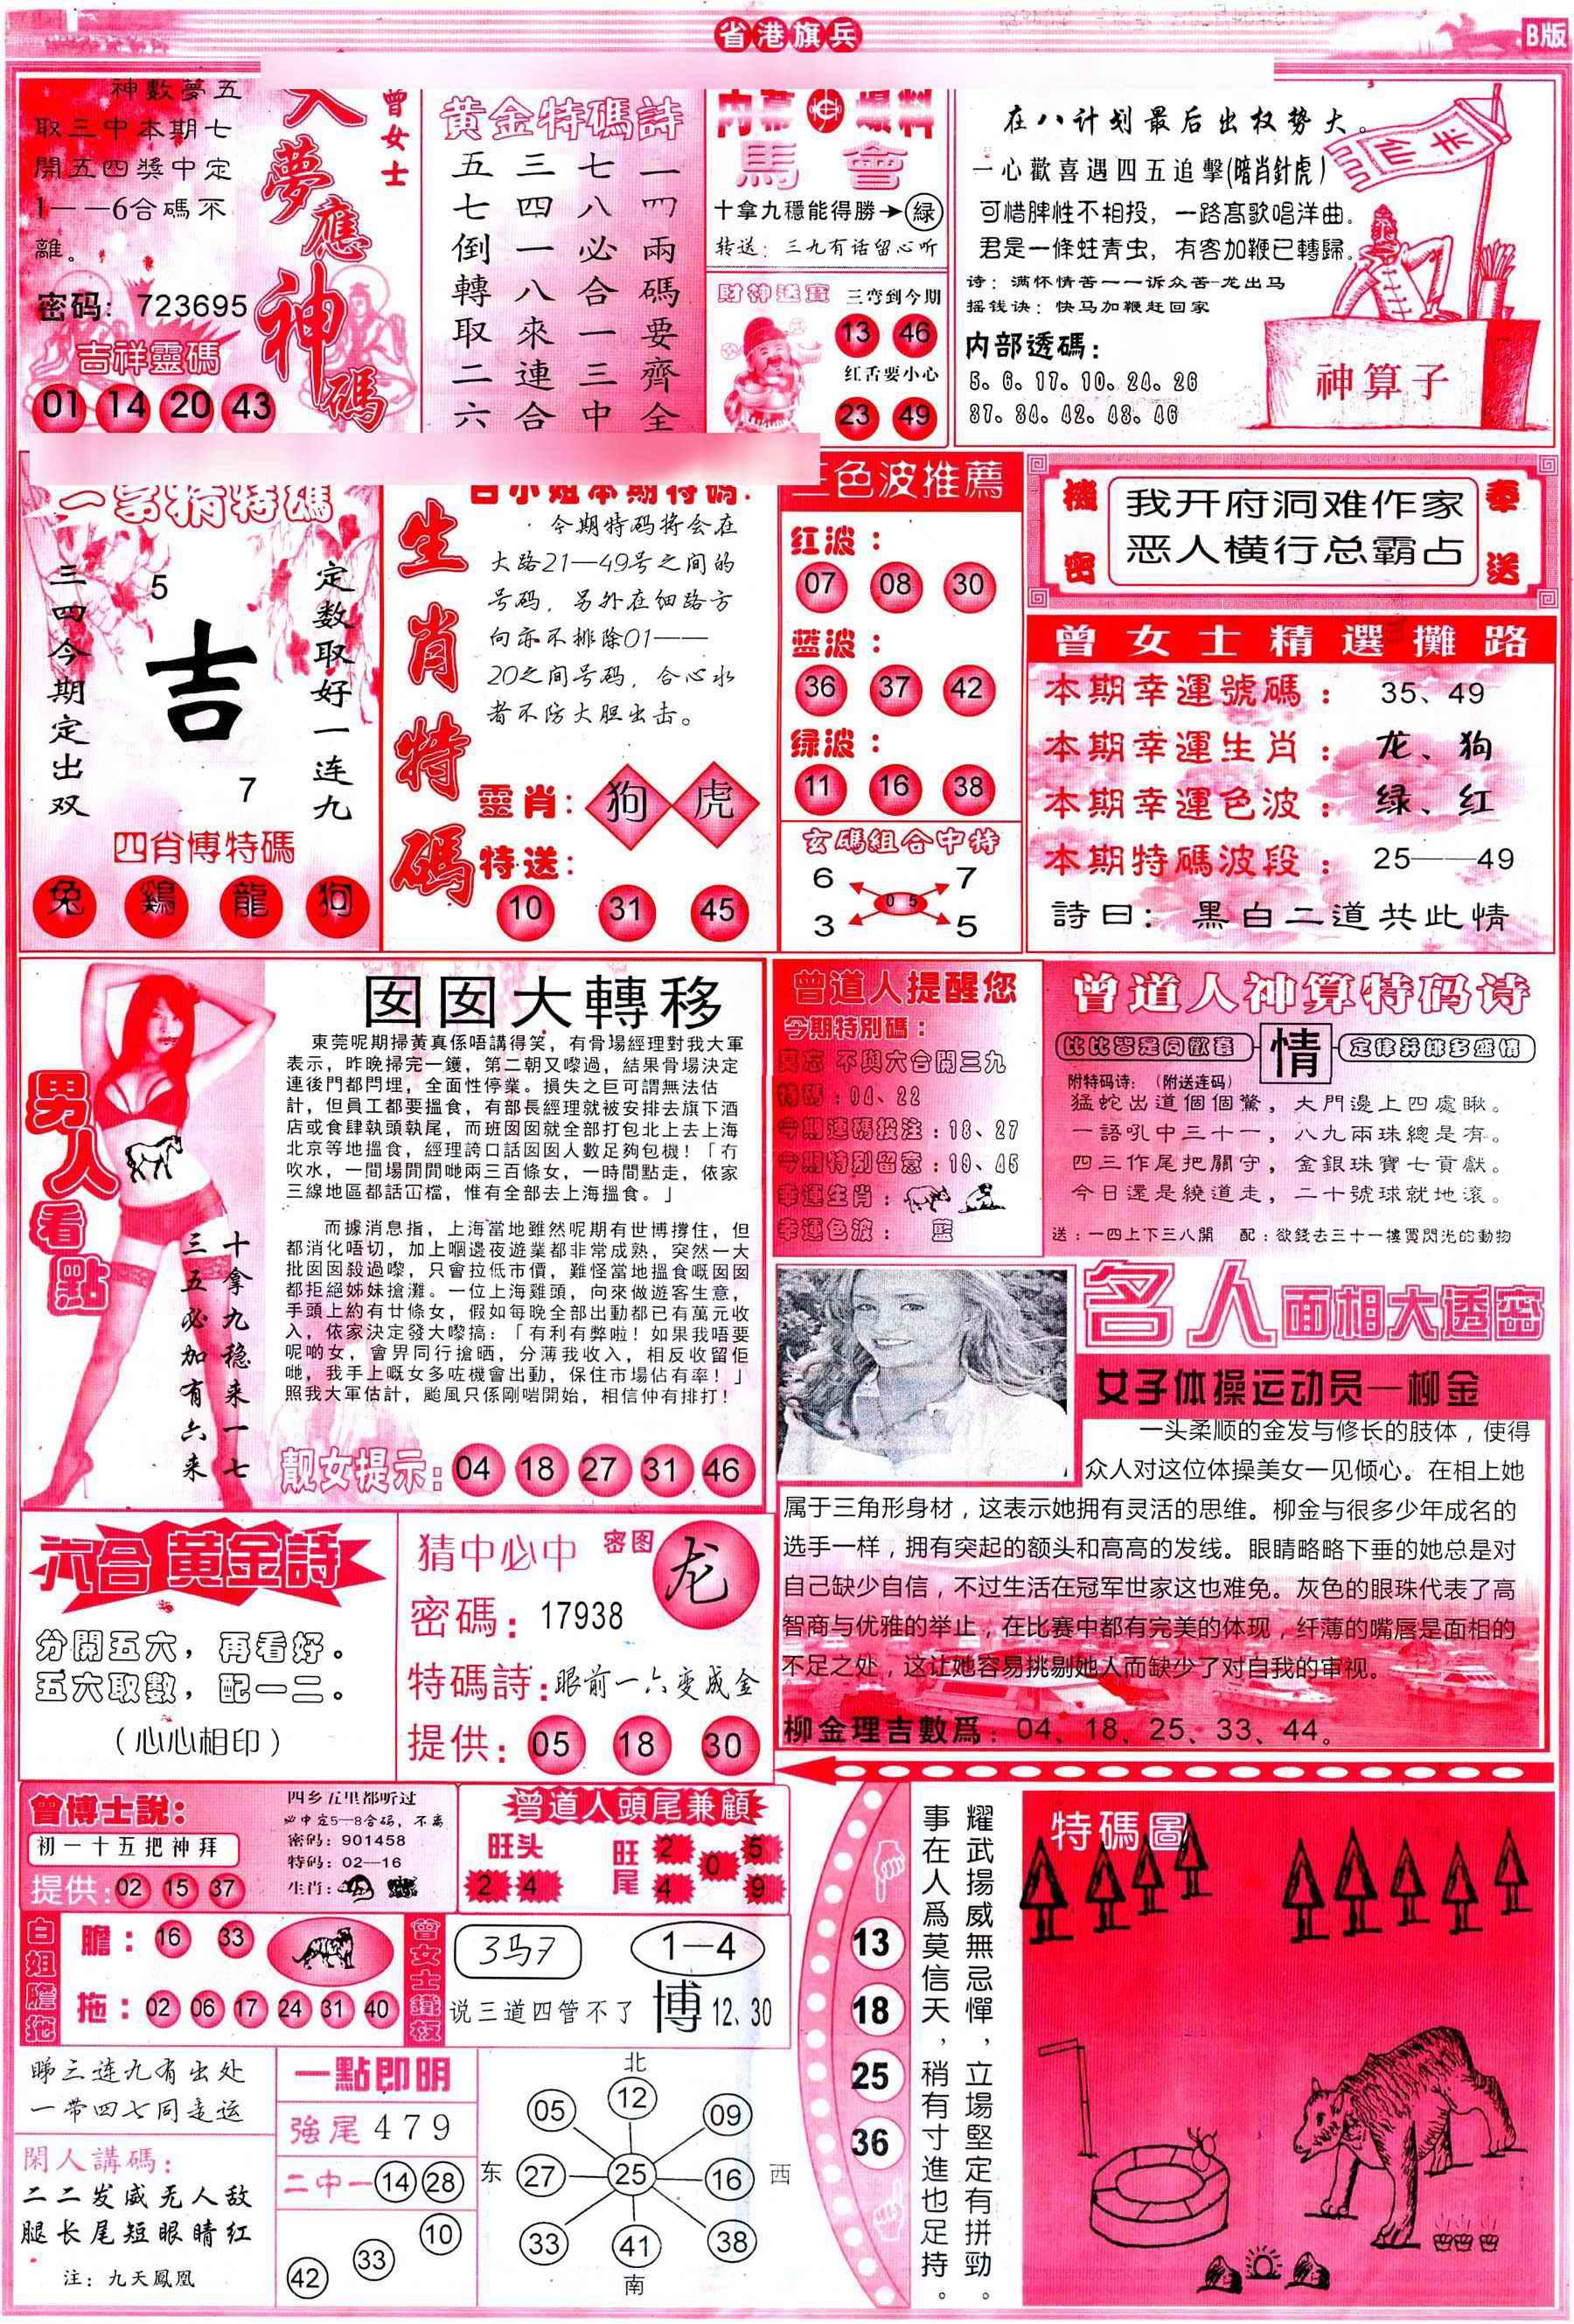 046期彩道B(保证香港版)